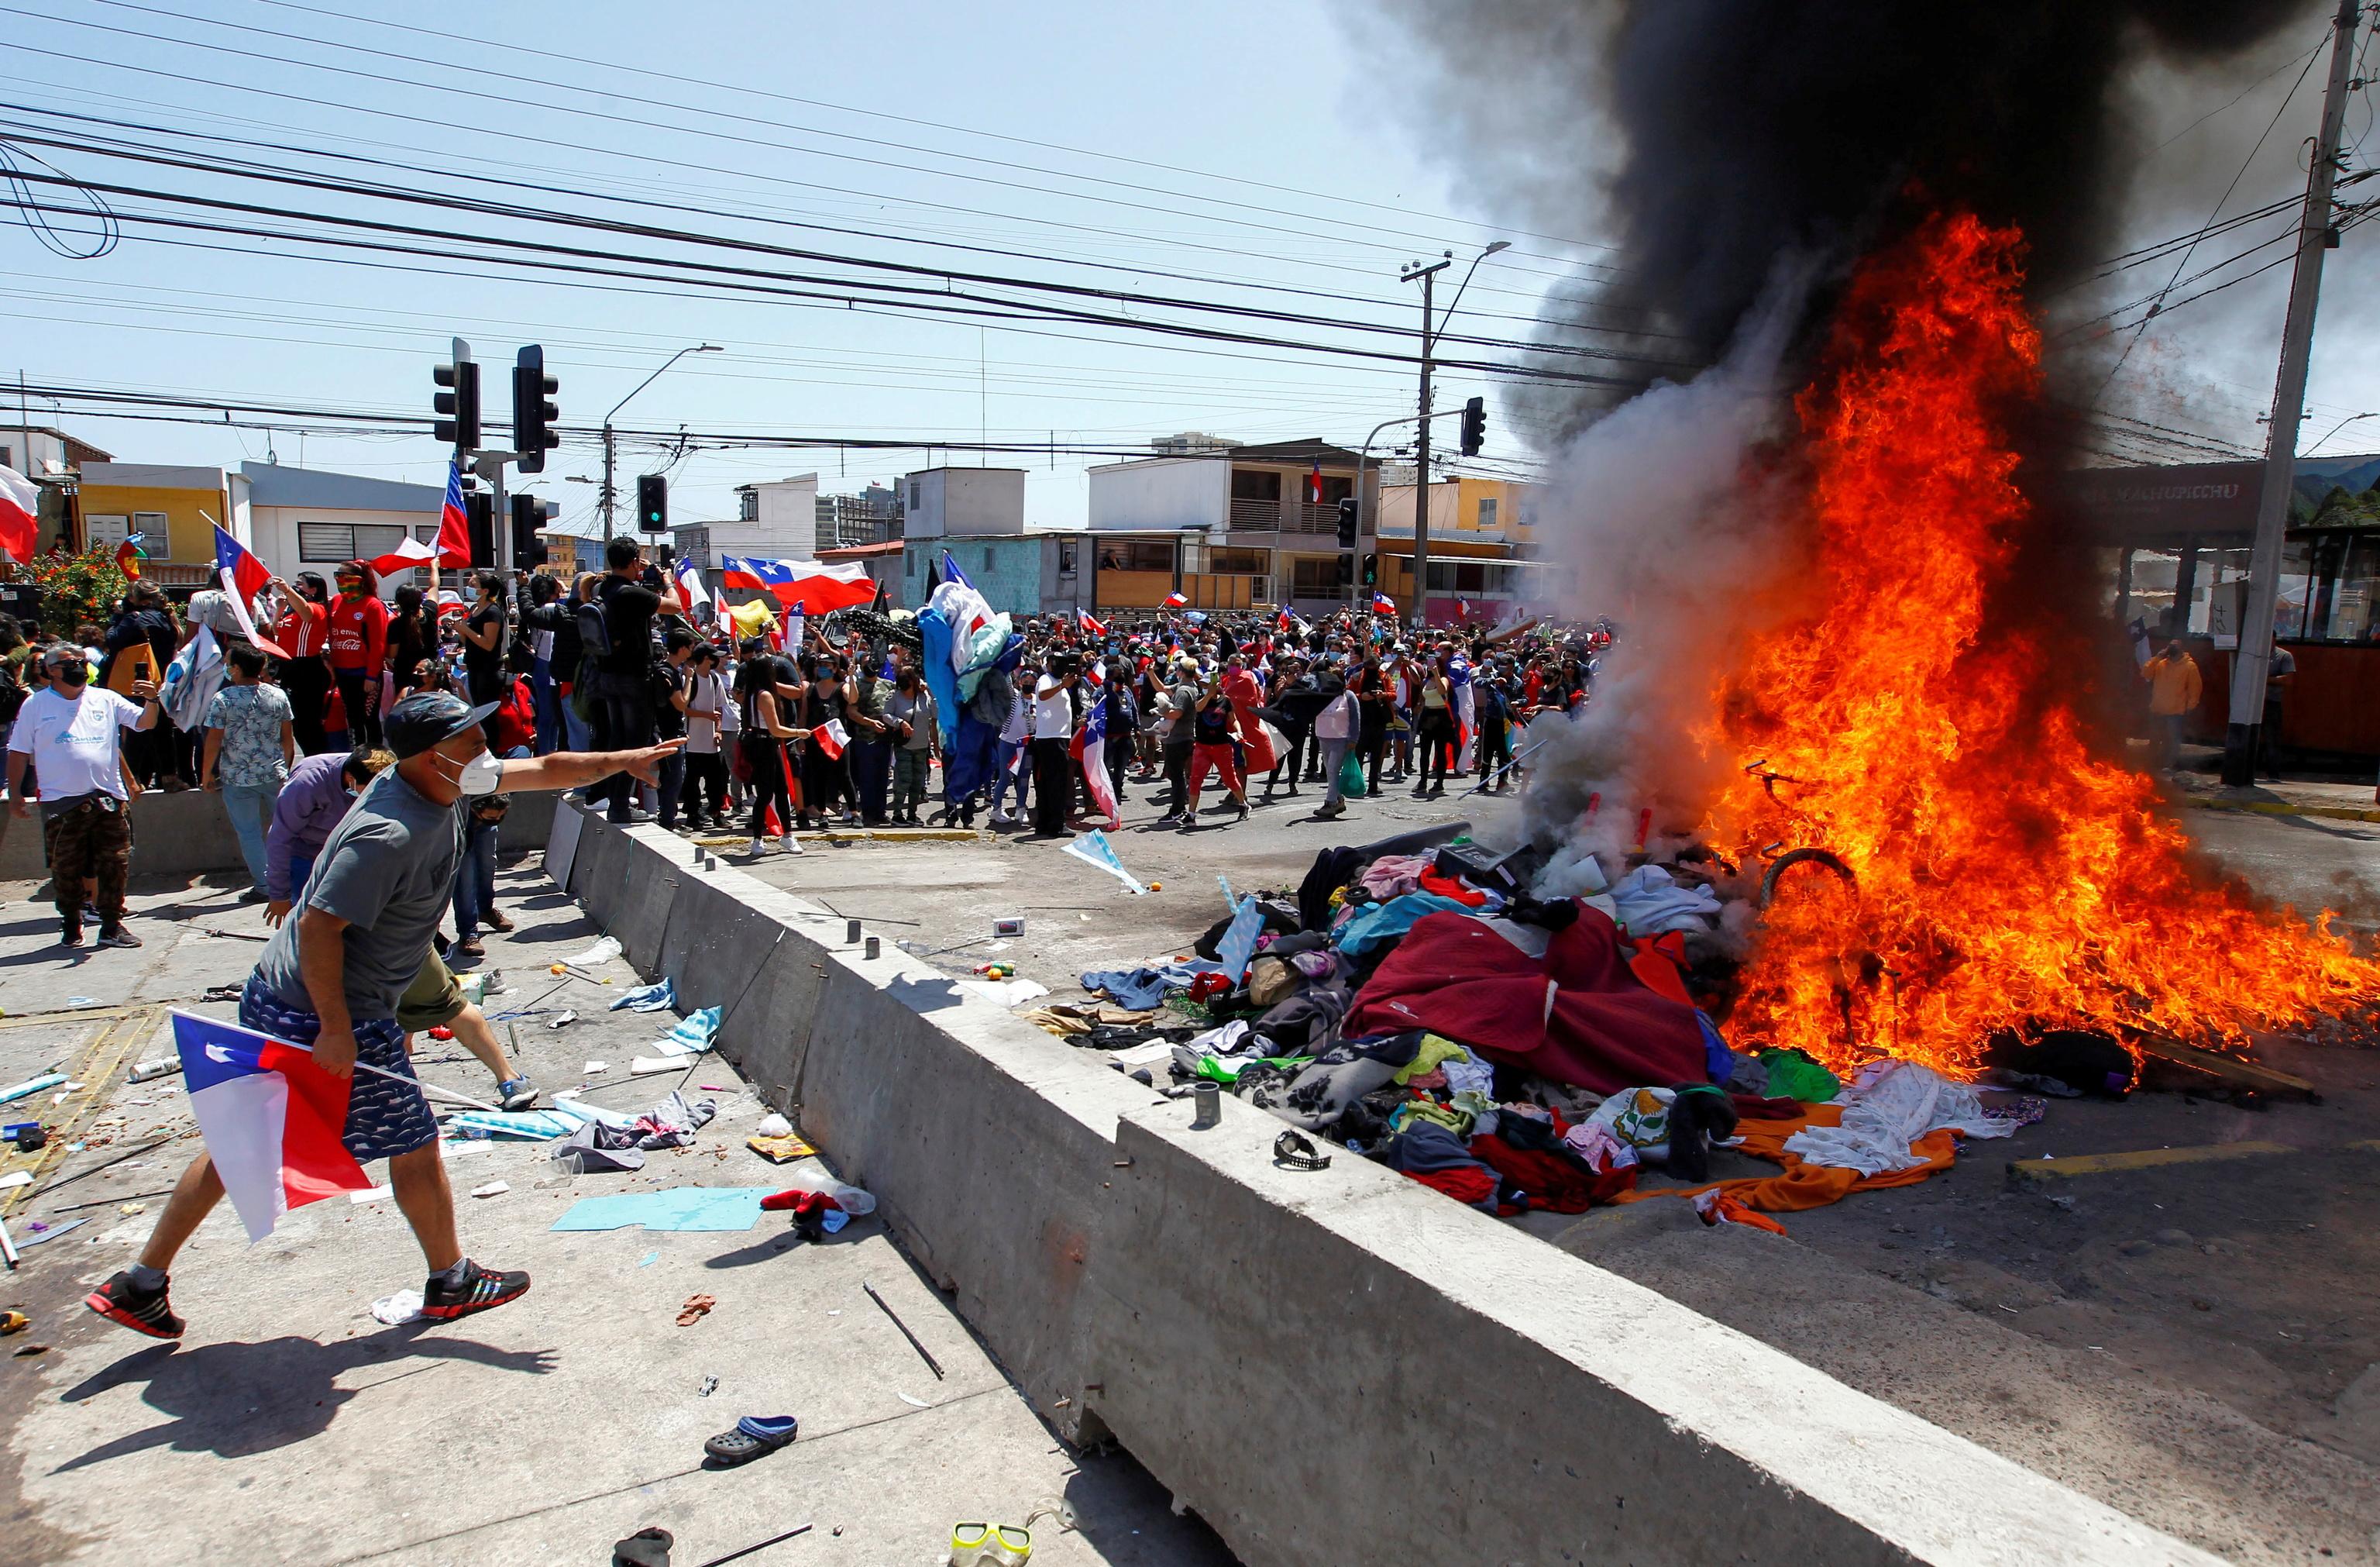 Quema de pertenencias de venezolanos, este sábado en Iquique.